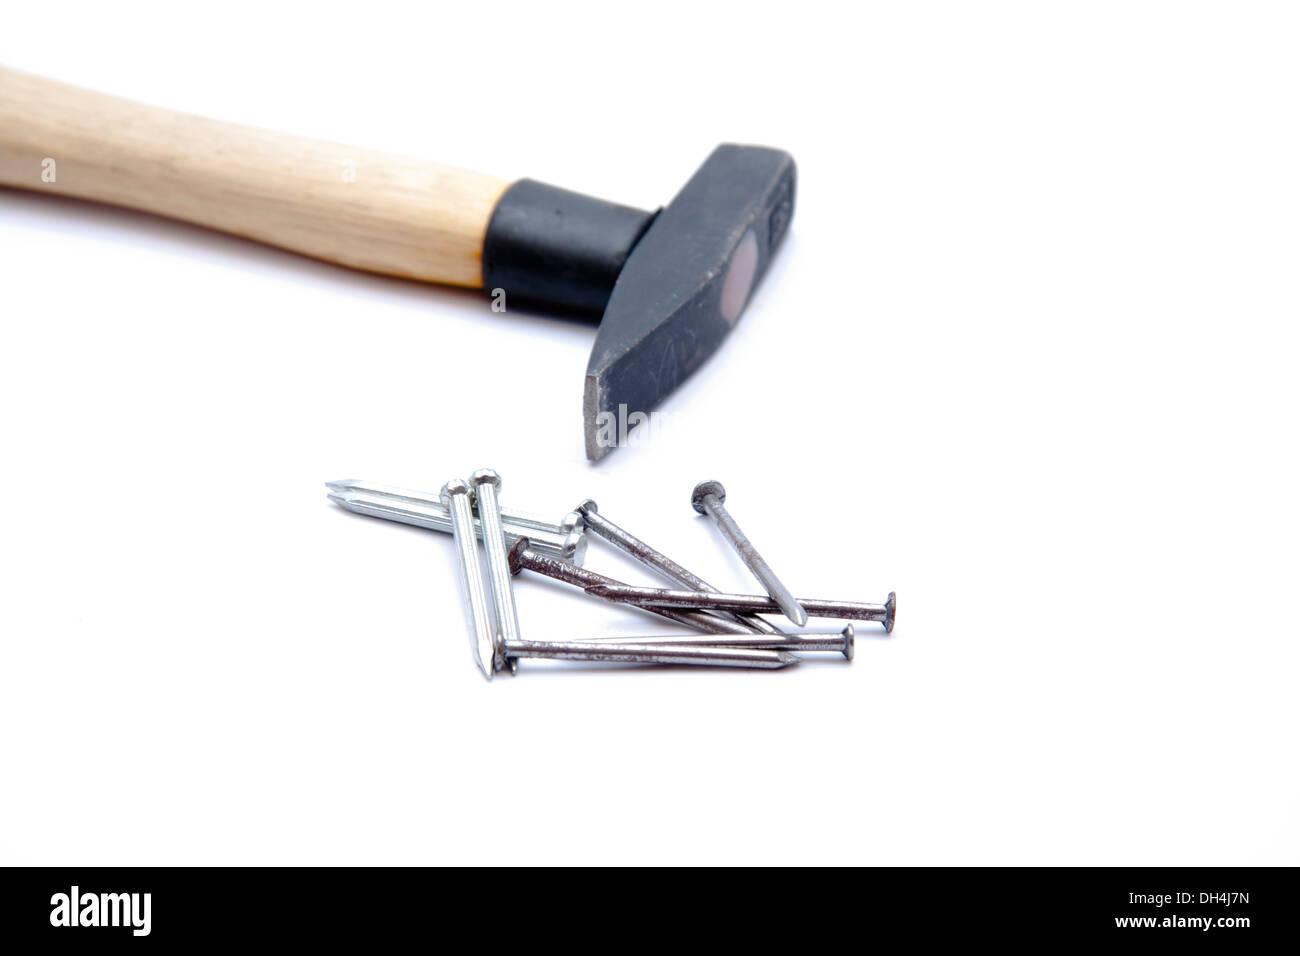 Les clous avec un marteau sur fond blanc Photo Stock